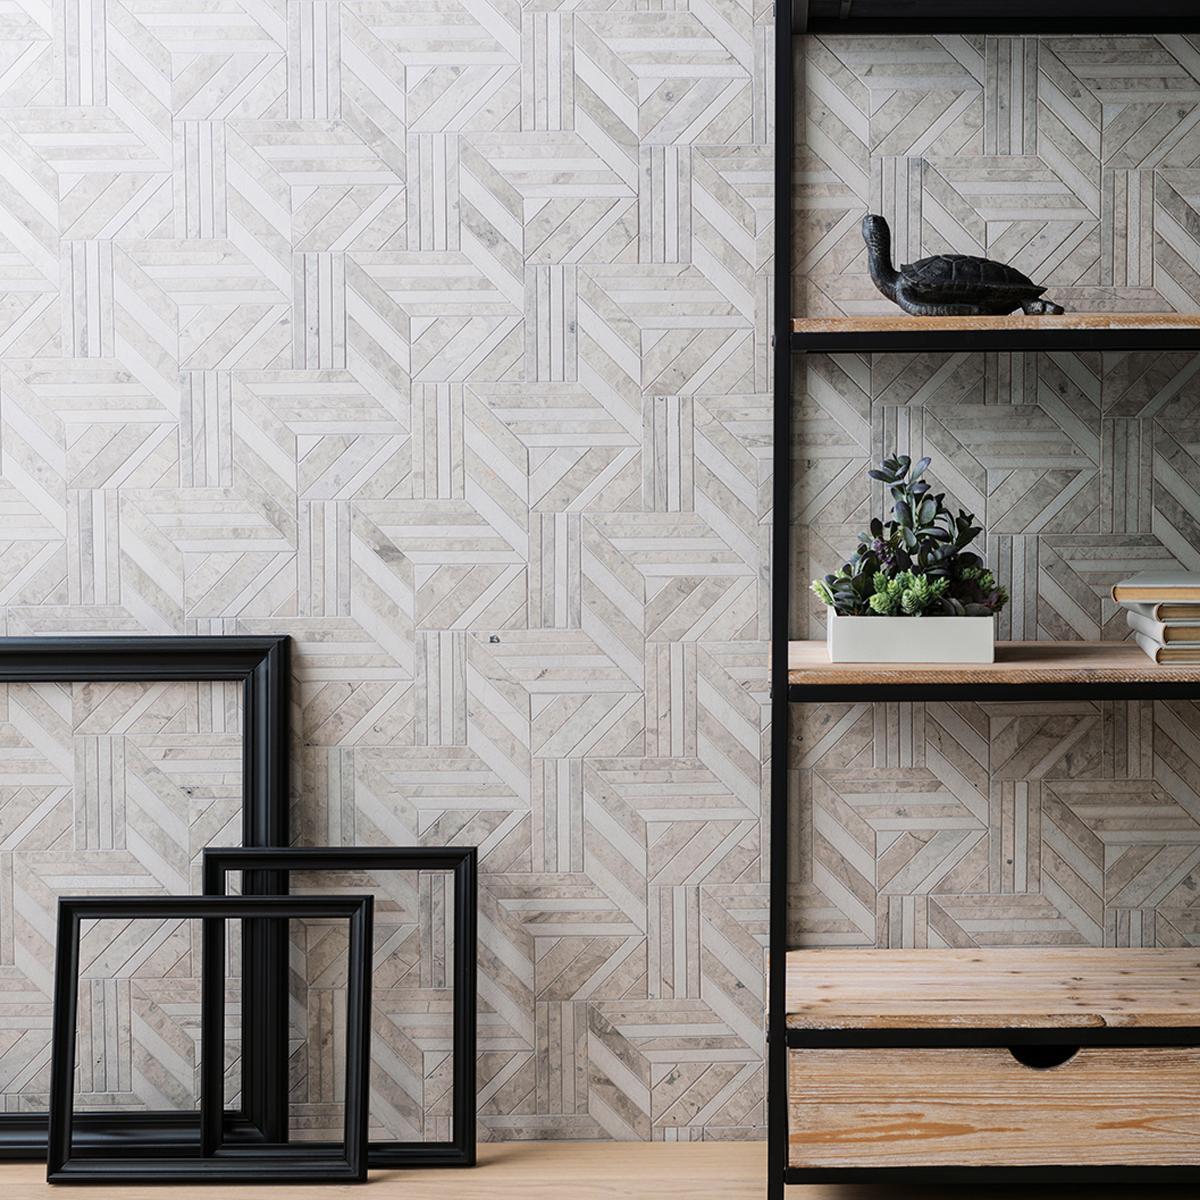 Mosaico Form Gris/Beige Mate - 21X23X1 cm - 1 pza